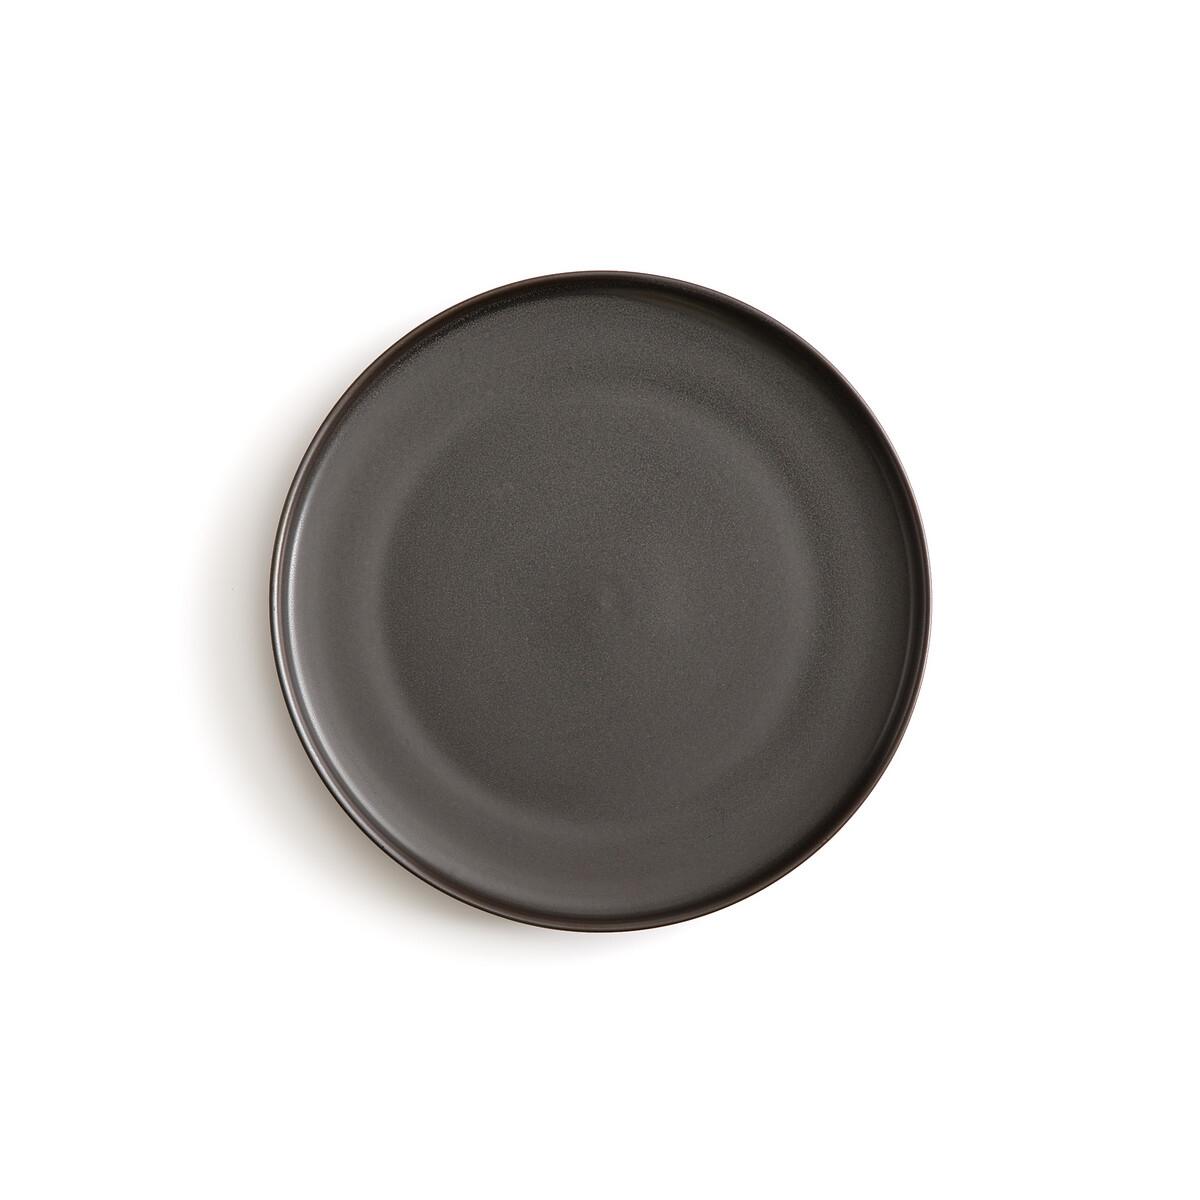 Фото - 4 десертные LaRedoute Тарелки из глазурованной керамики Akira единый размер черный 4 десертные laredoute тарелки из глазурованной керамики anika единый размер серый